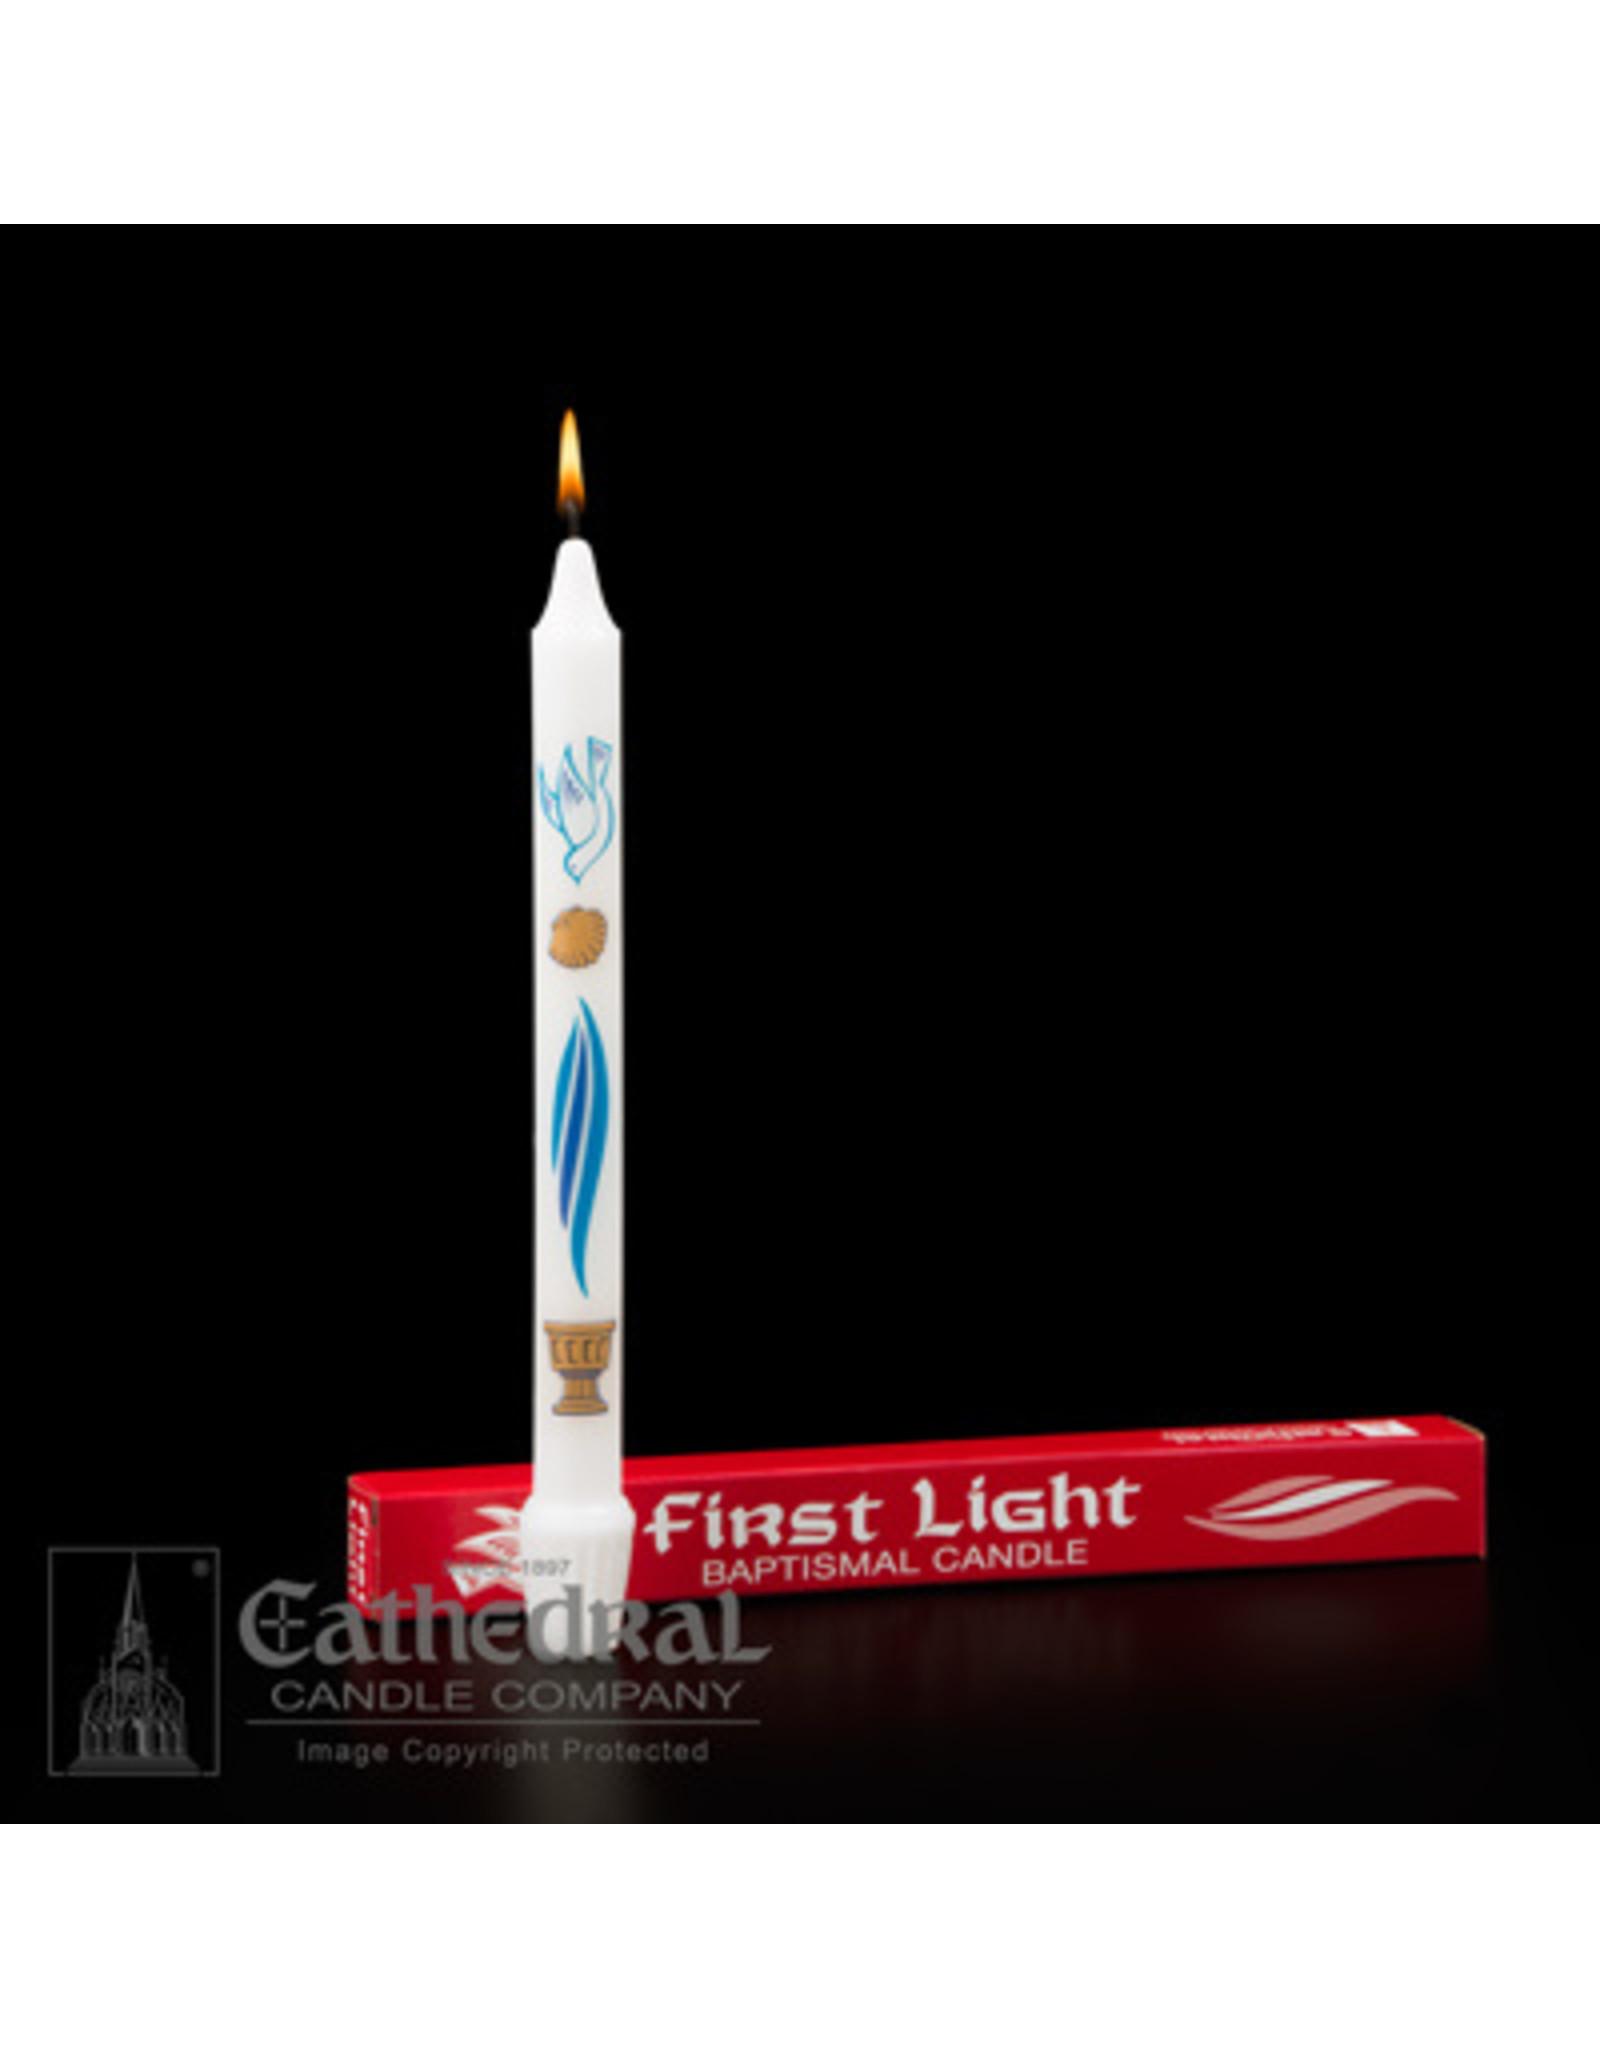 CNDL BAPT 1ST LIGHT (24)